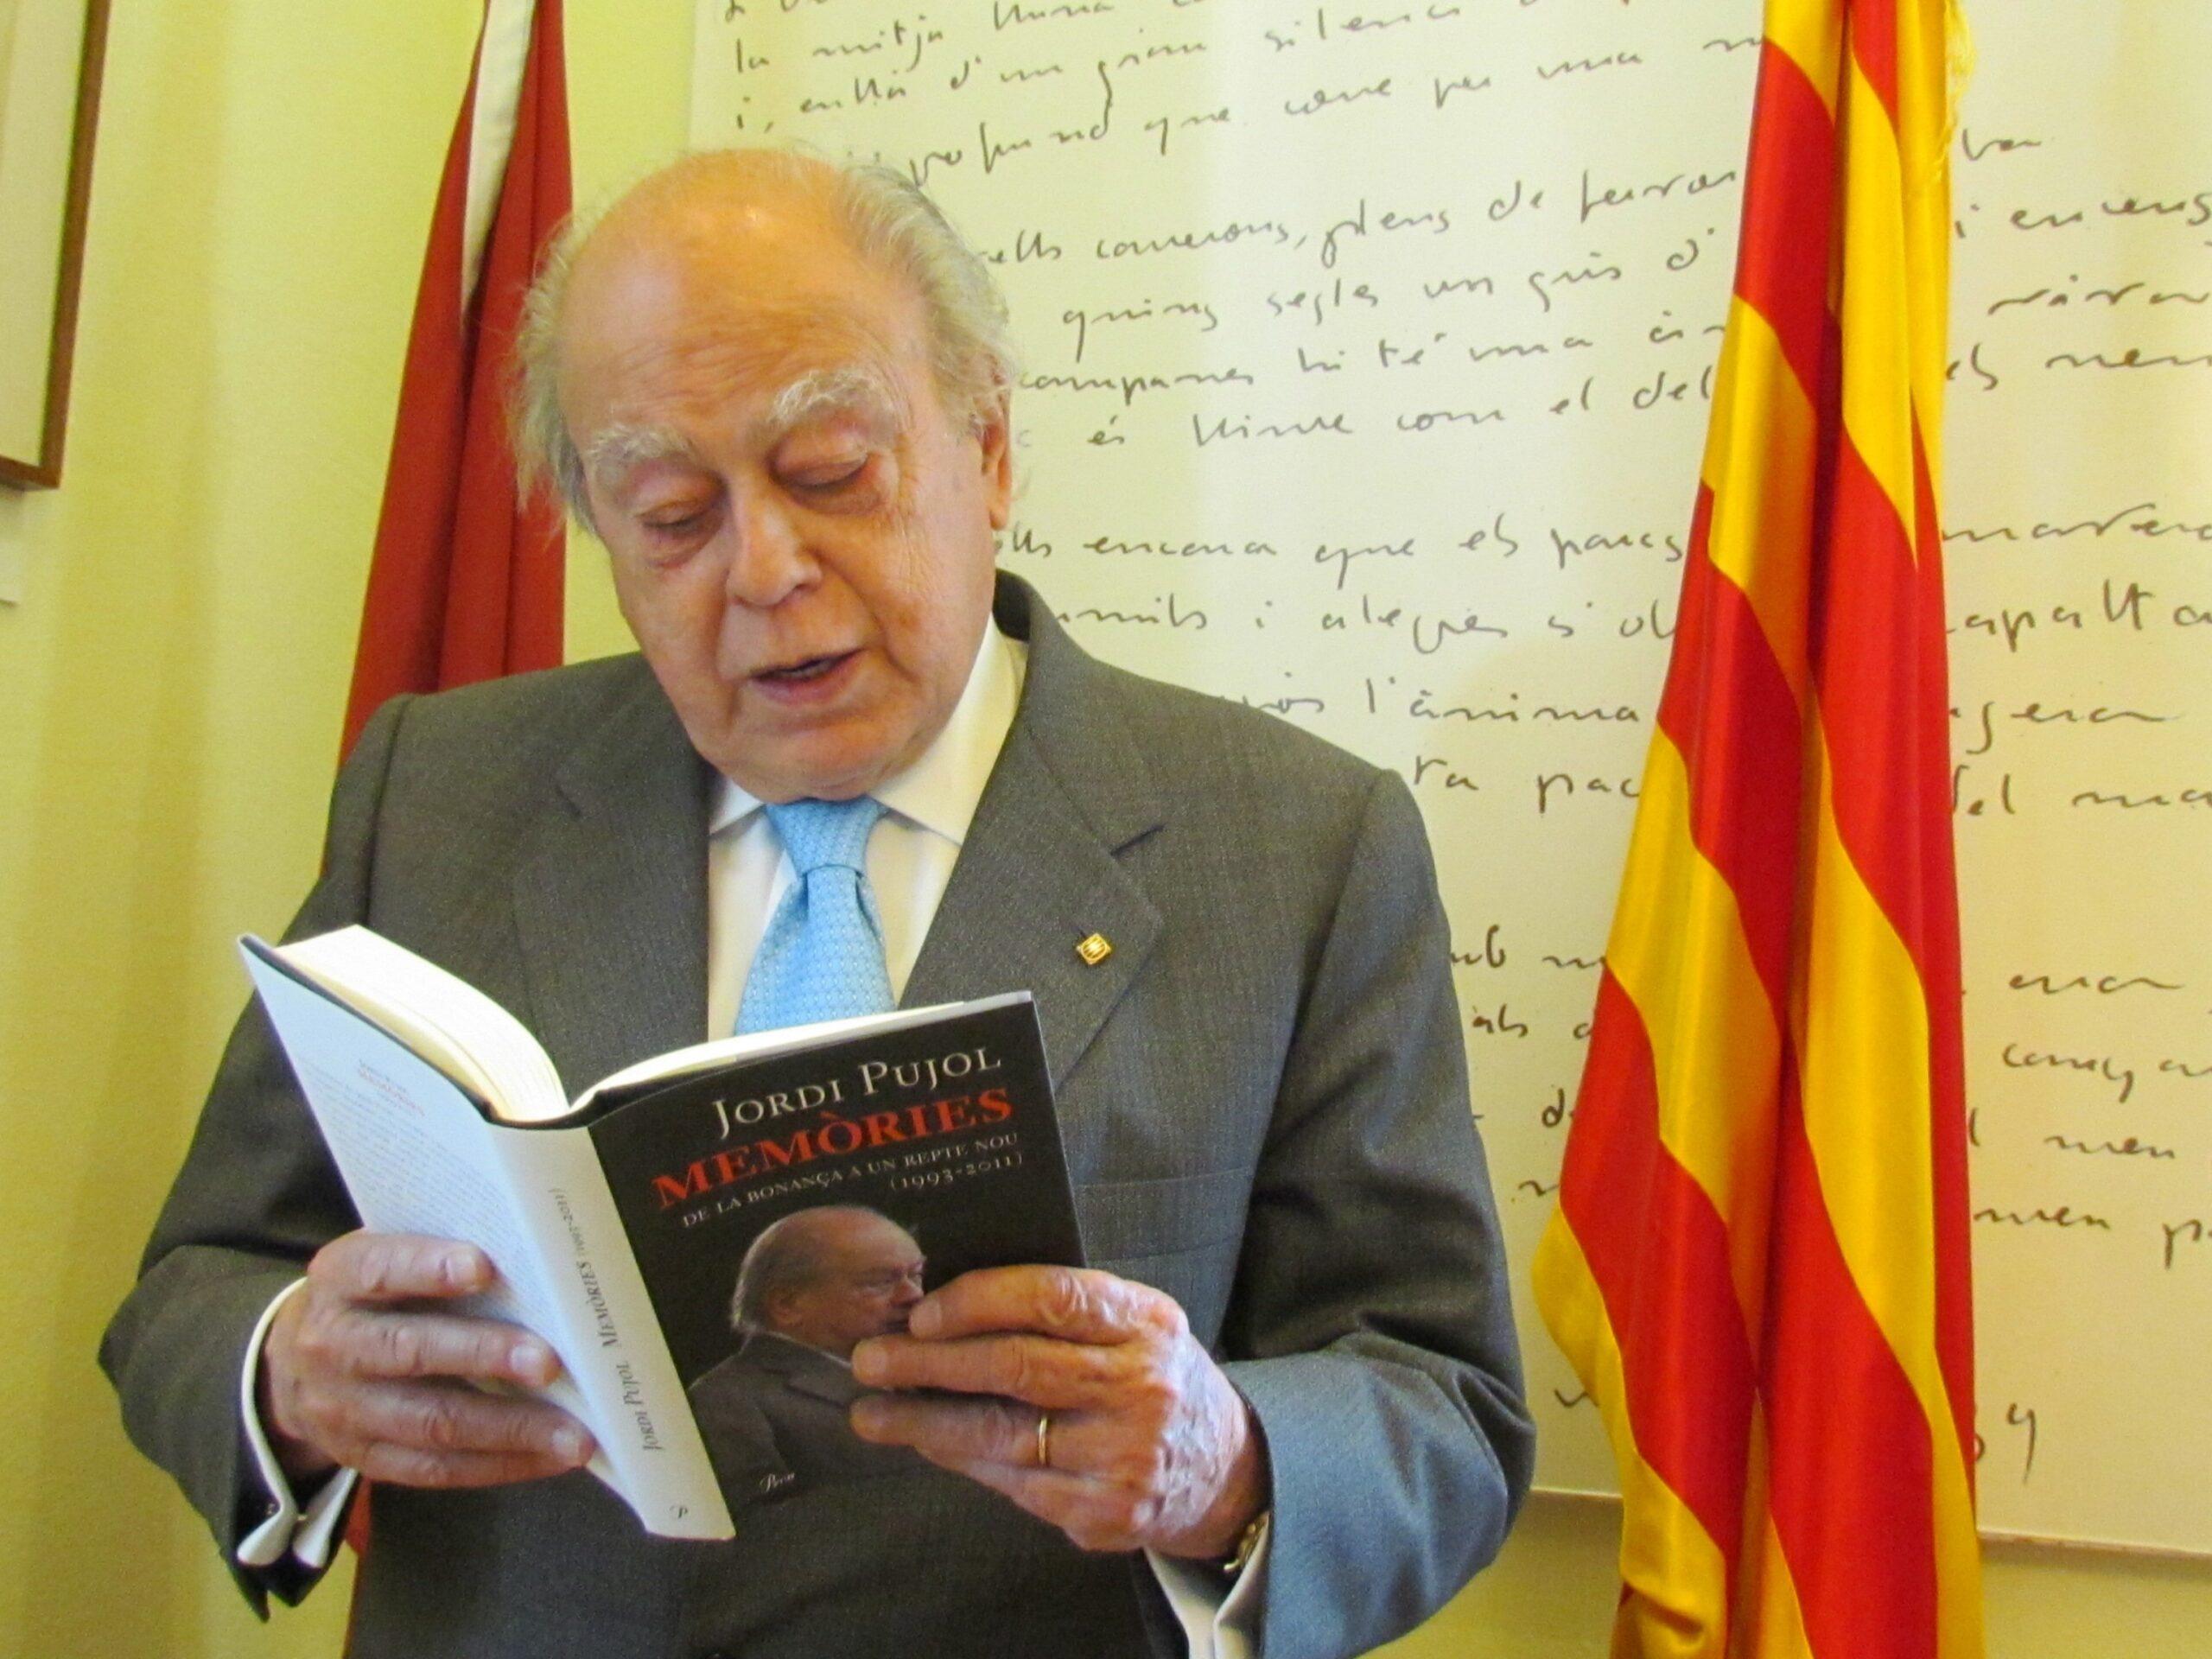 Jordi Pujol fullejant un dels toms de les seves Memòries